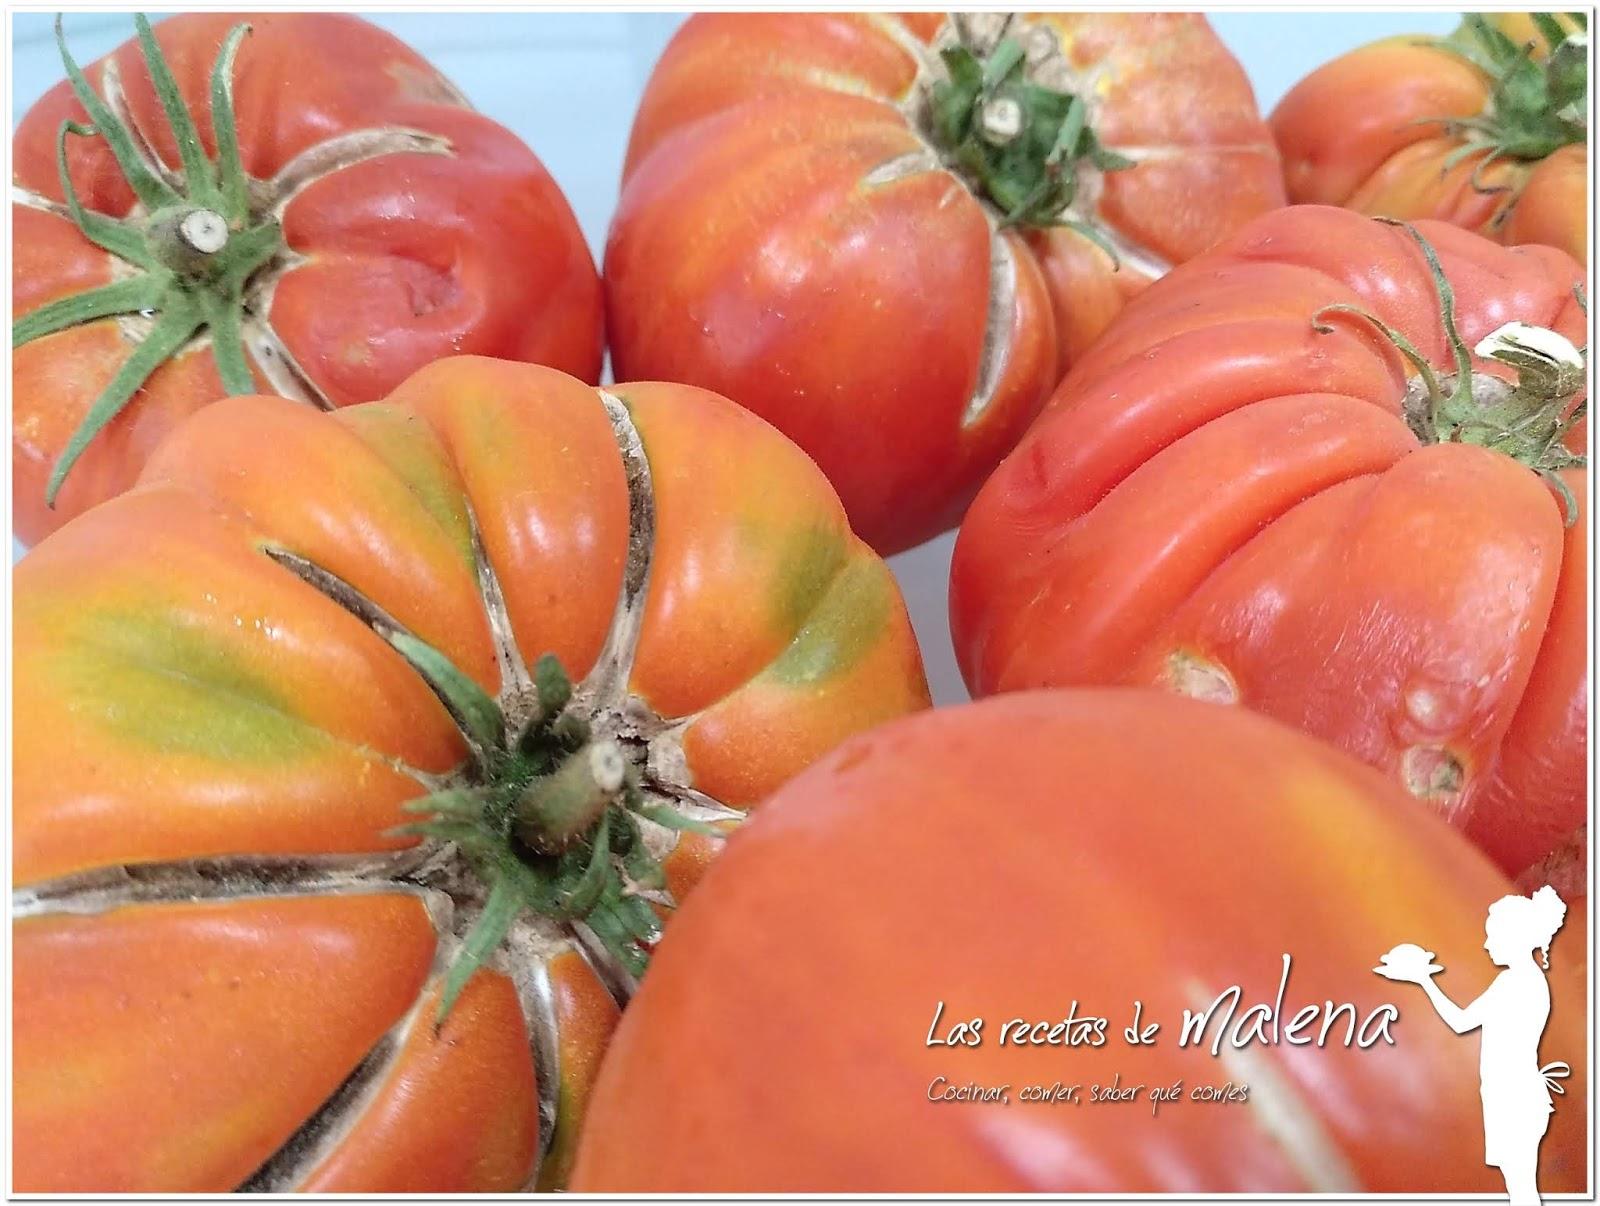 el tomate crudo es malo para la próstata